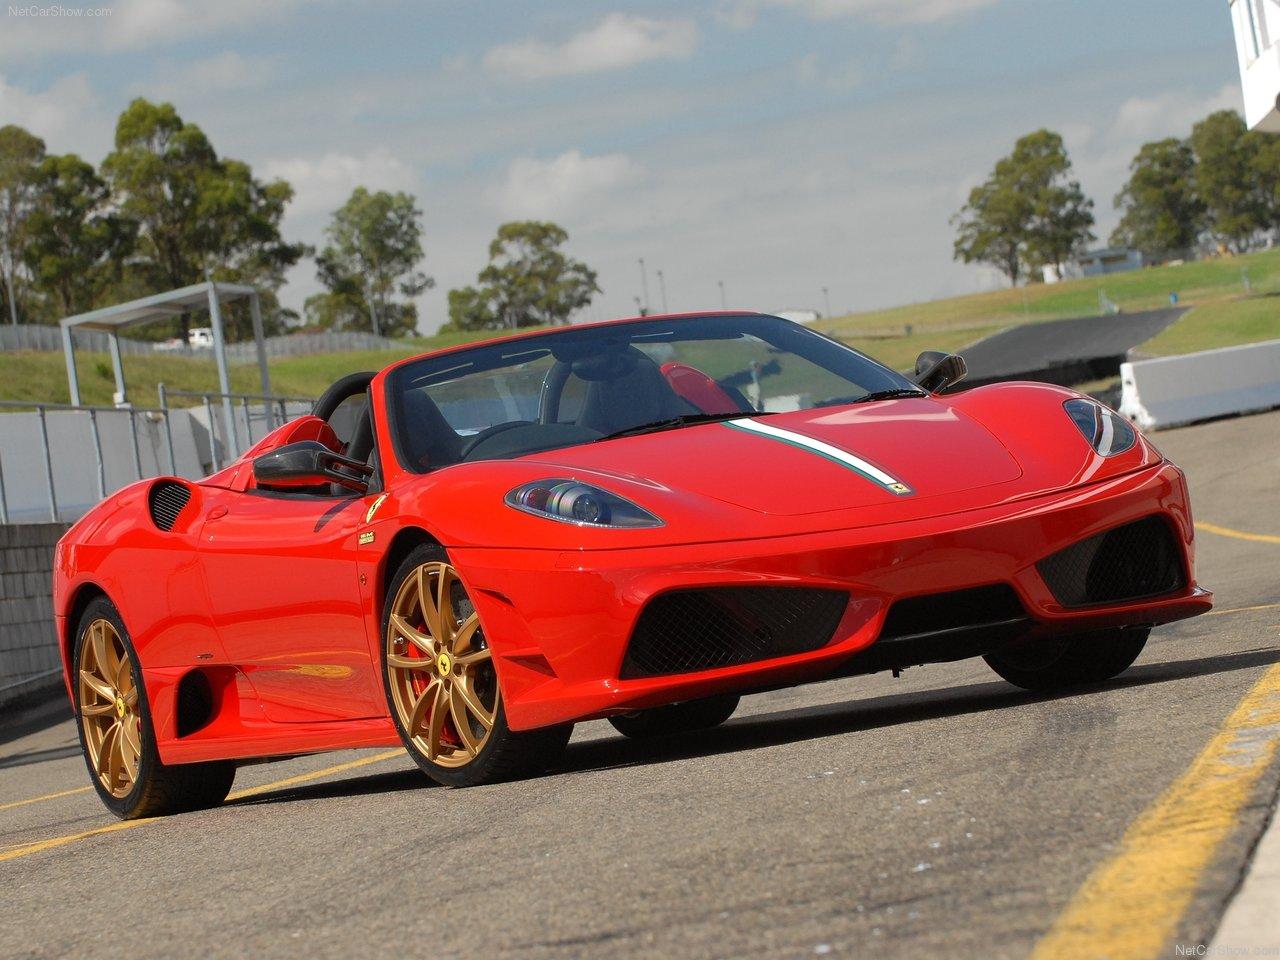 http://3.bp.blogspot.com/-XWjnFnq4rls/TYGLXiI5PNI/AAAAAAAABtQ/uFvL26gLdrM/s1600/Ferrari-Scuderia_Spider_16M_2009_1280x960_wallpaper_01.jpg